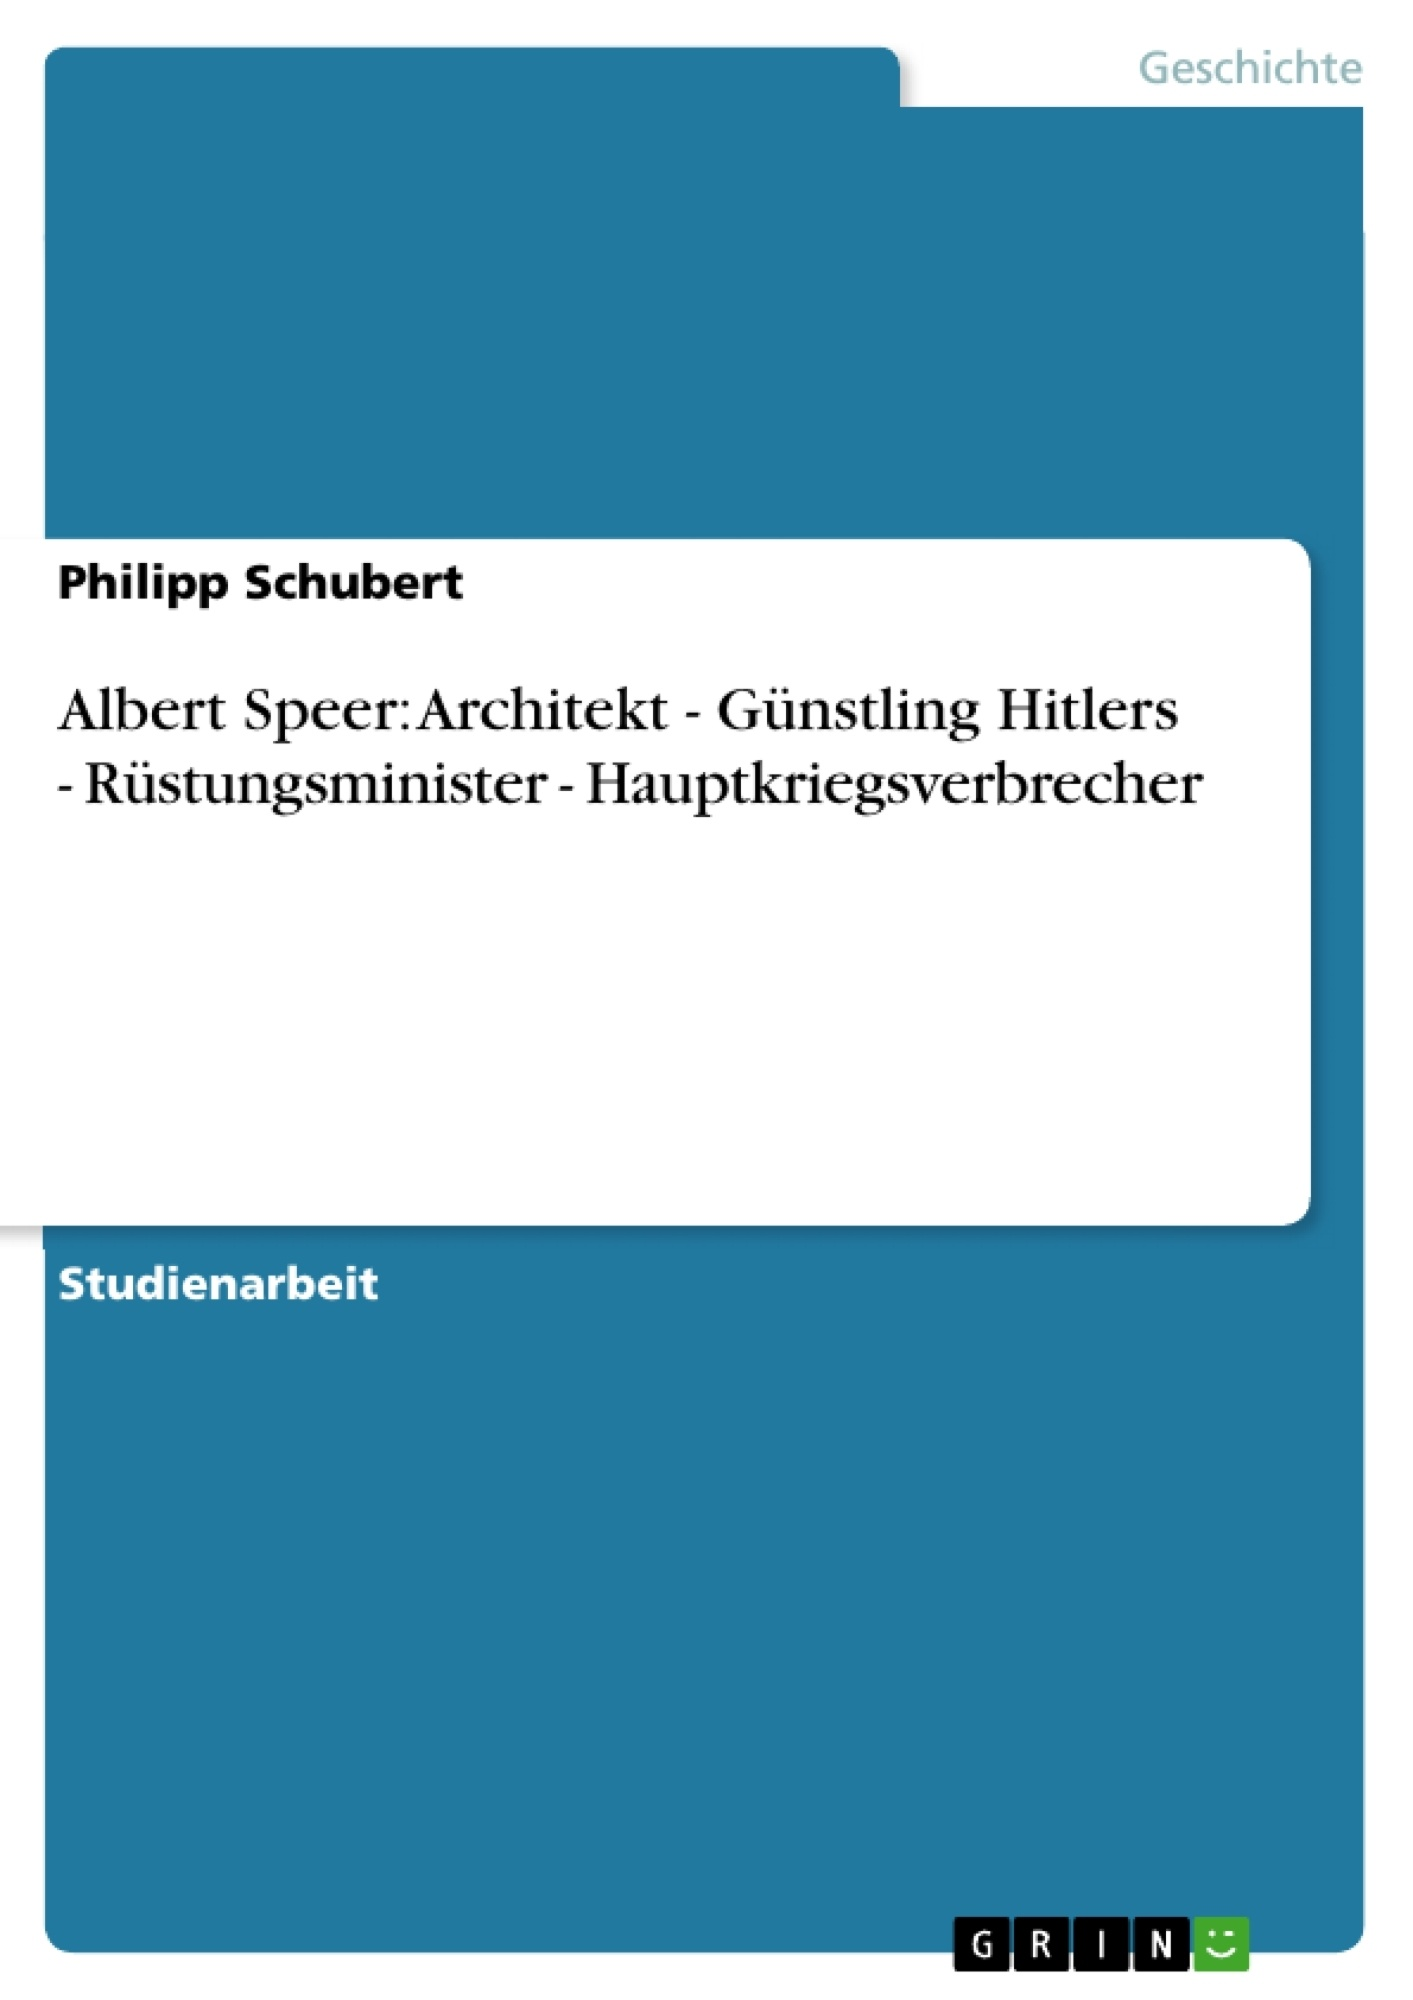 Titel: Albert Speer: Architekt - Günstling Hitlers - Rüstungsminister - Hauptkriegsverbrecher